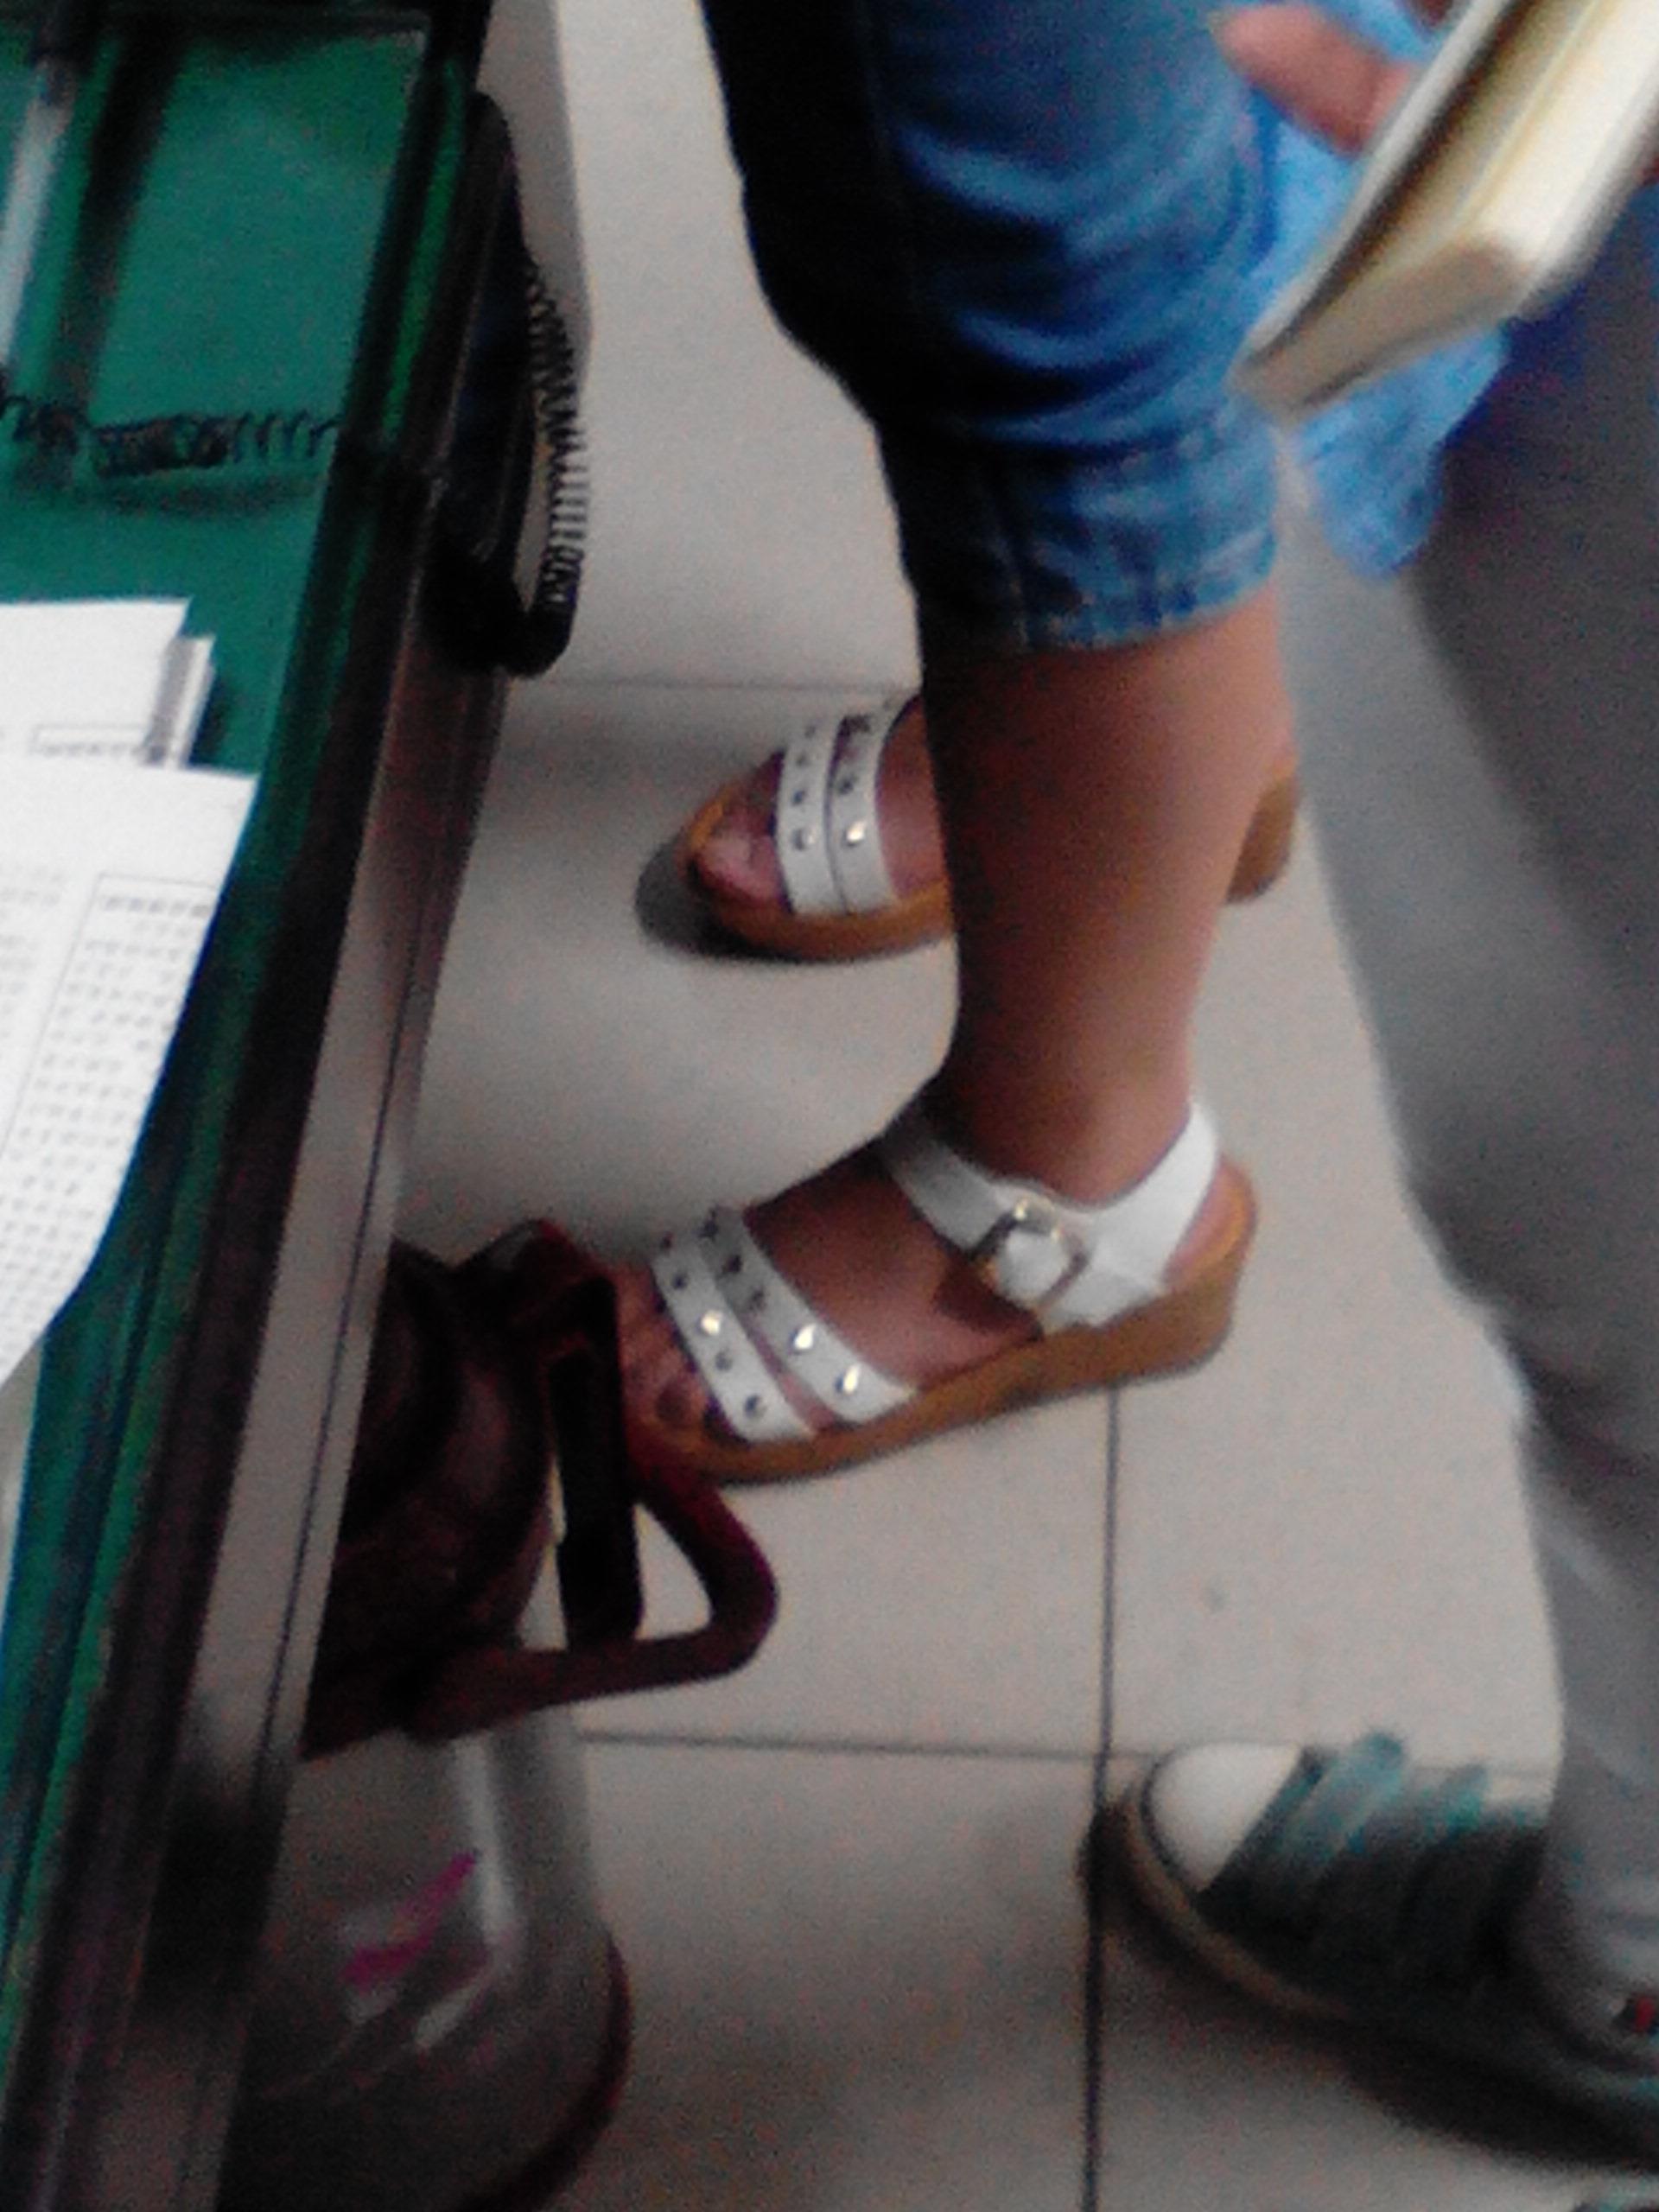 这个女孩子脚漂亮吗 她的脚有没有37吗?